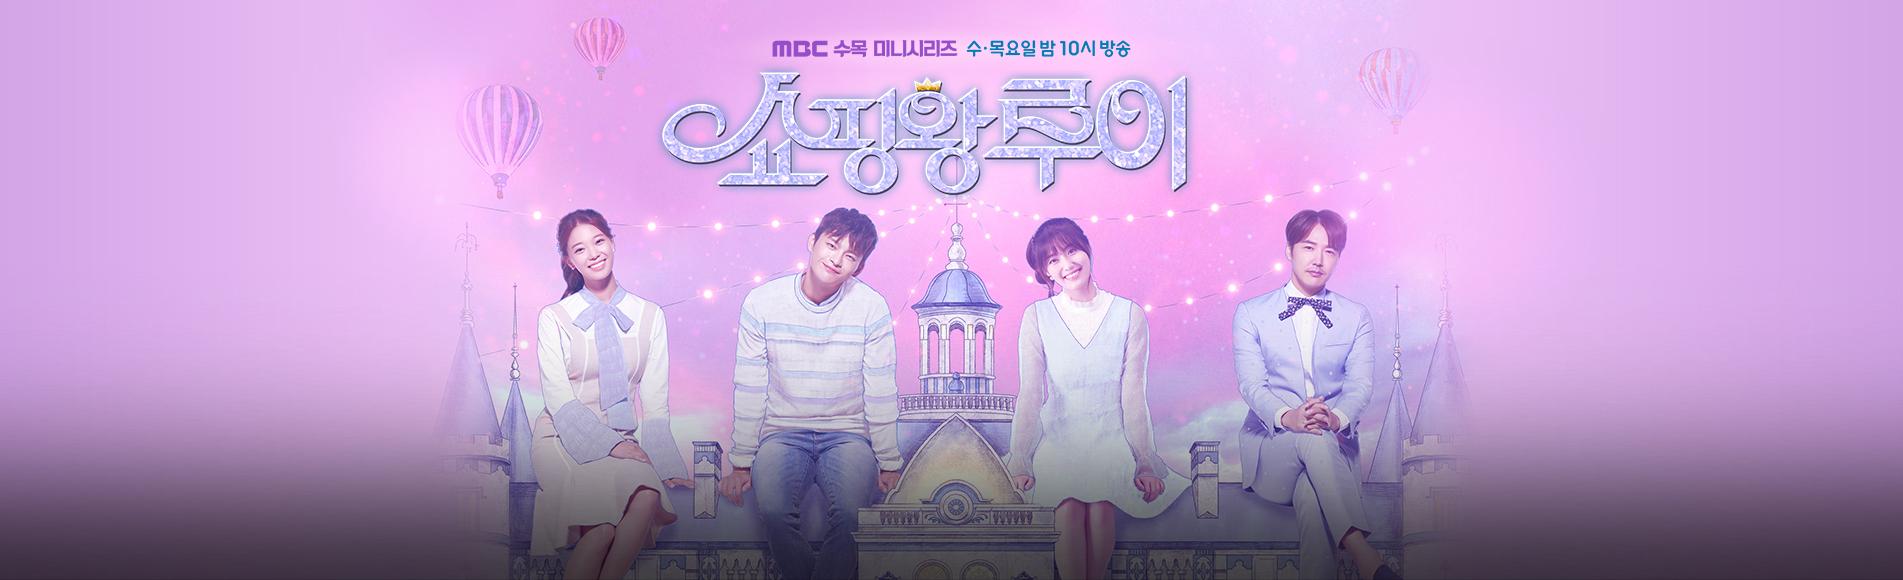 MBC 수목미니시리즈 쇼핑왕 루이